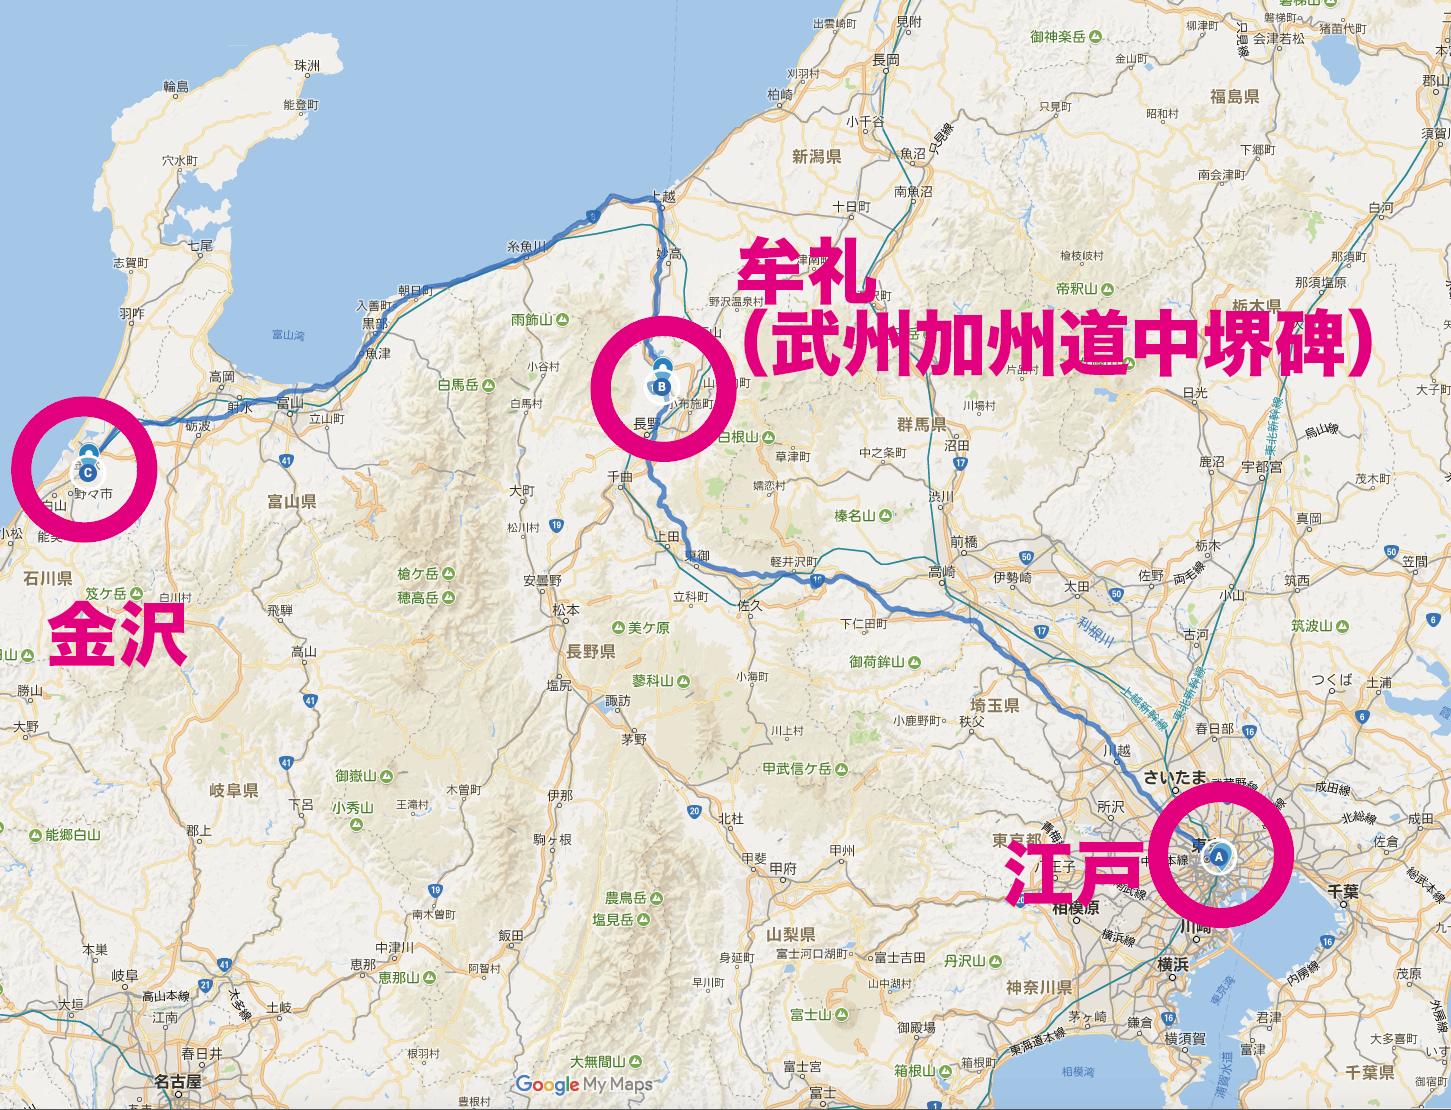 江戸〜牟礼〜金沢のおおよその位置関係地図。